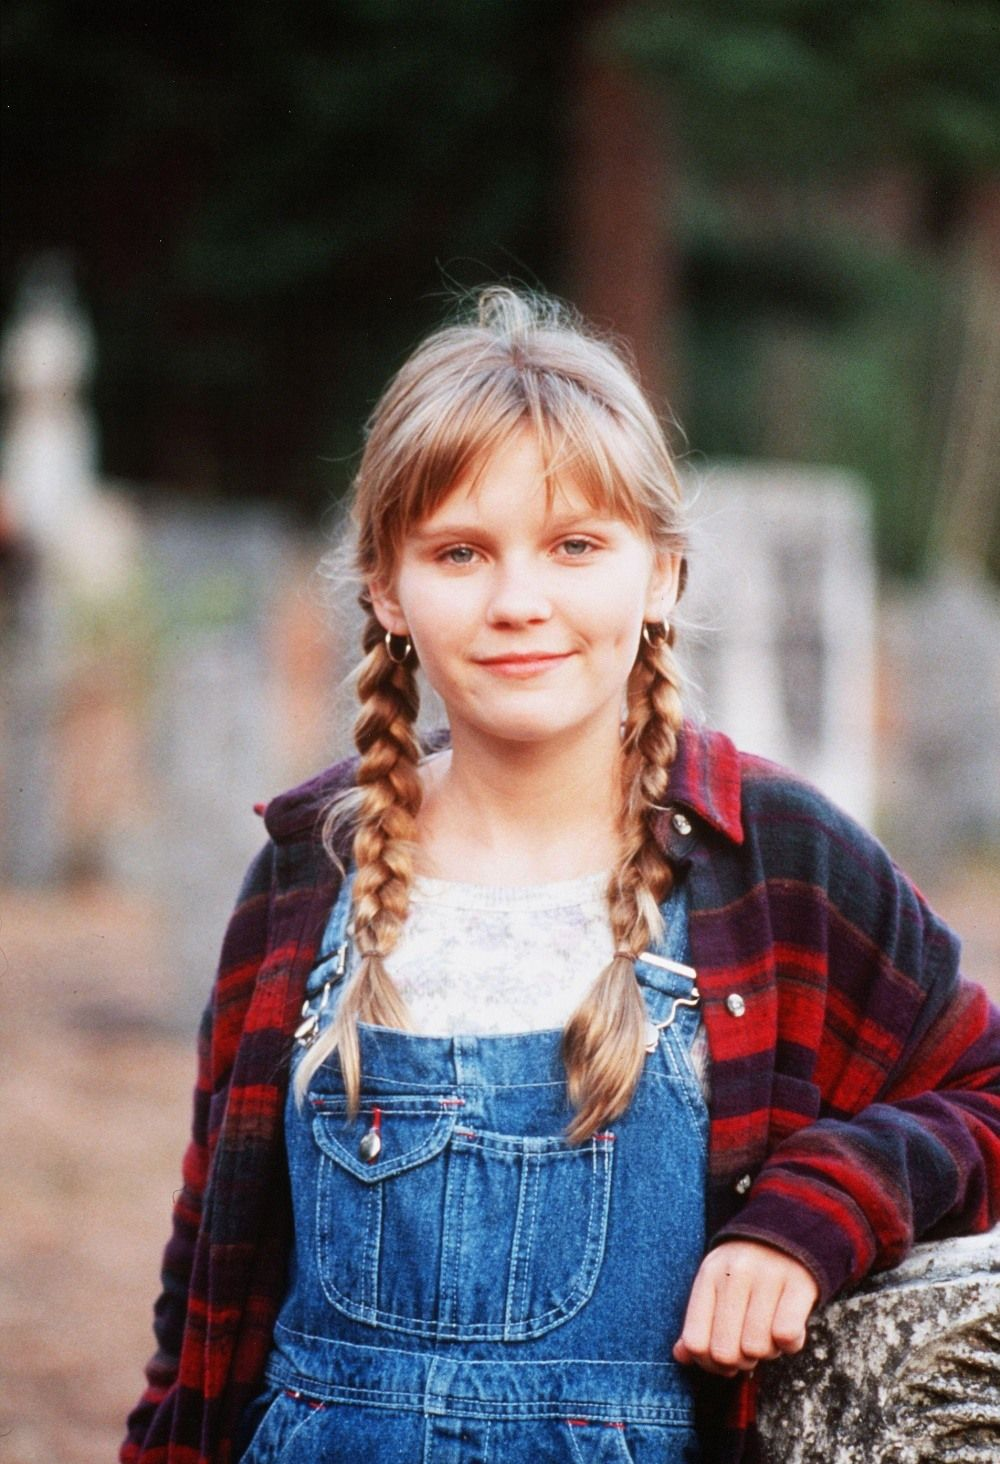 Kirsten movie star